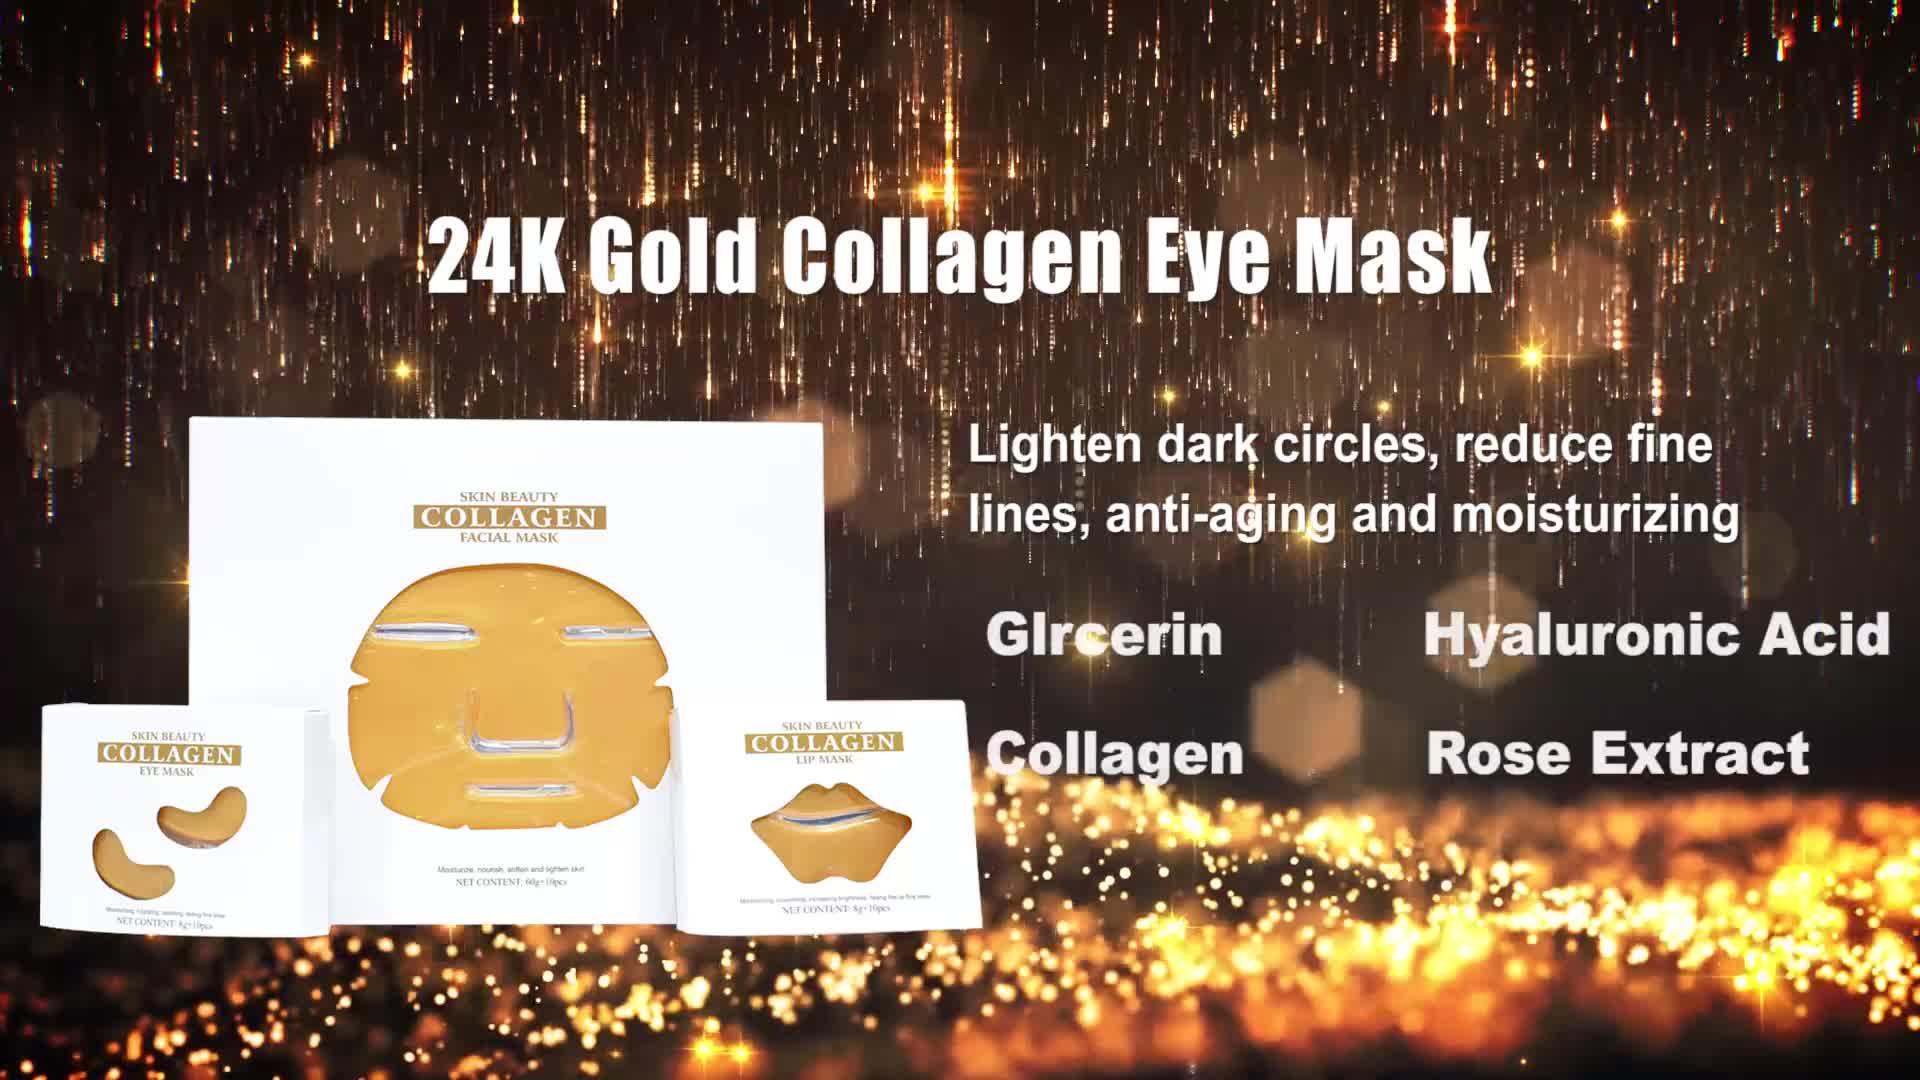 Commercio all'ingrosso Private Label Anti-invecchiamento di Cristallo 24 K del Collageno Maschera per Gli Occhi